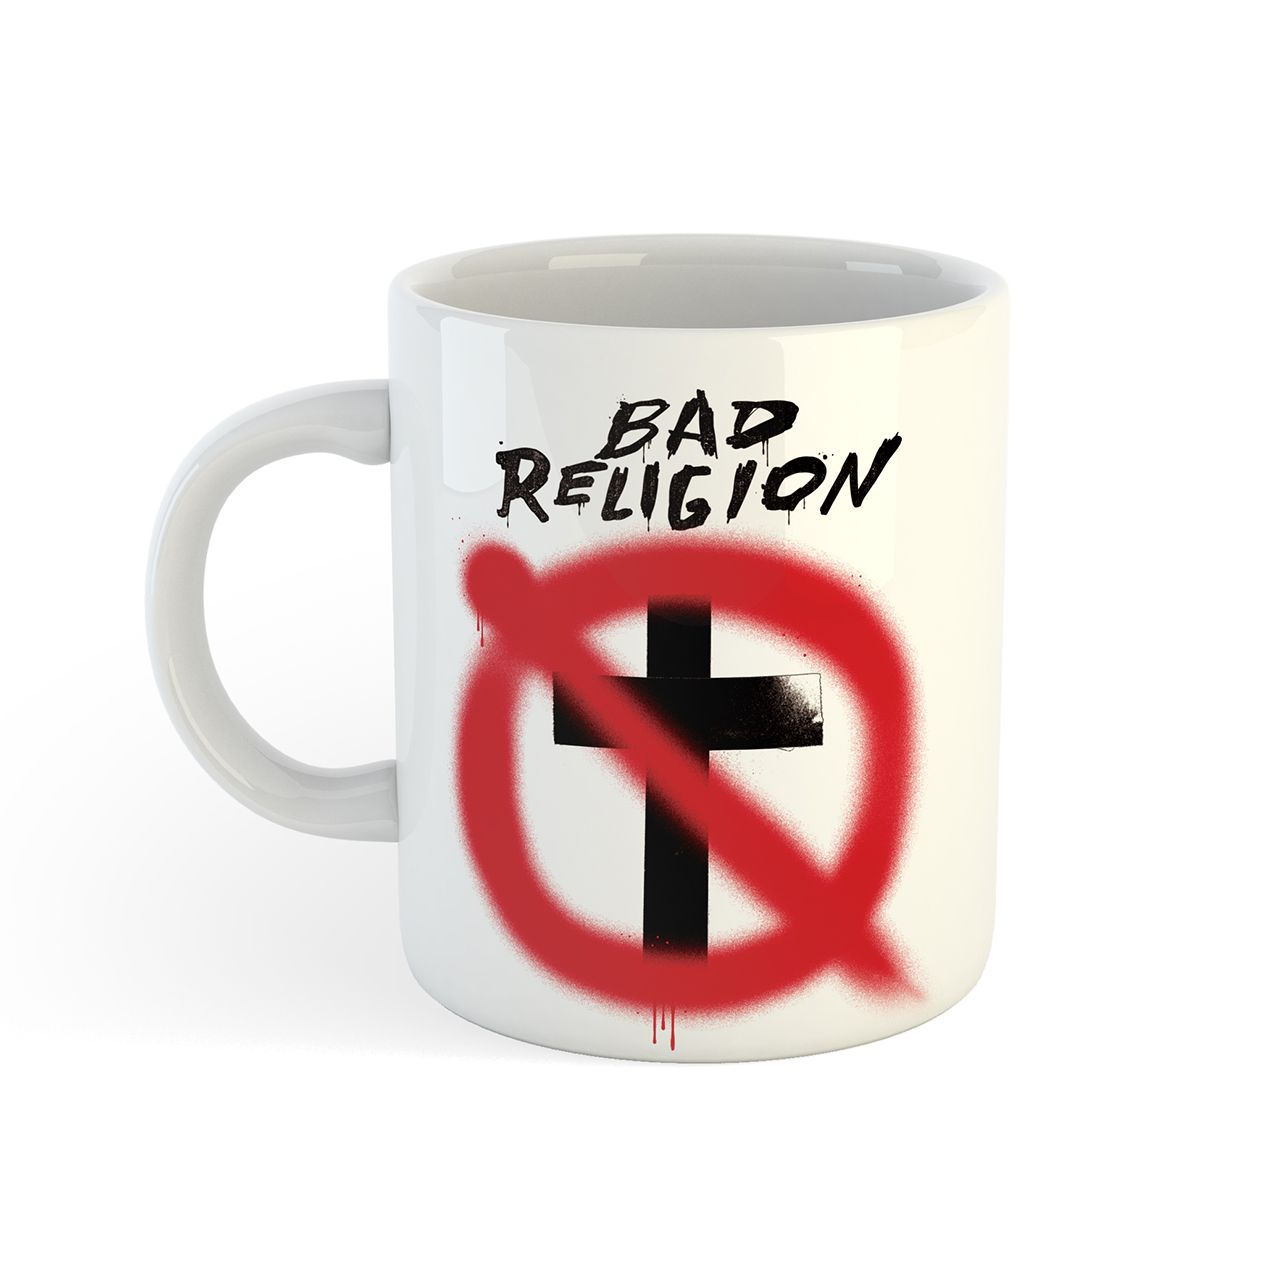 Bad Religion - Spray Buster Tour 2019 [Caneca]